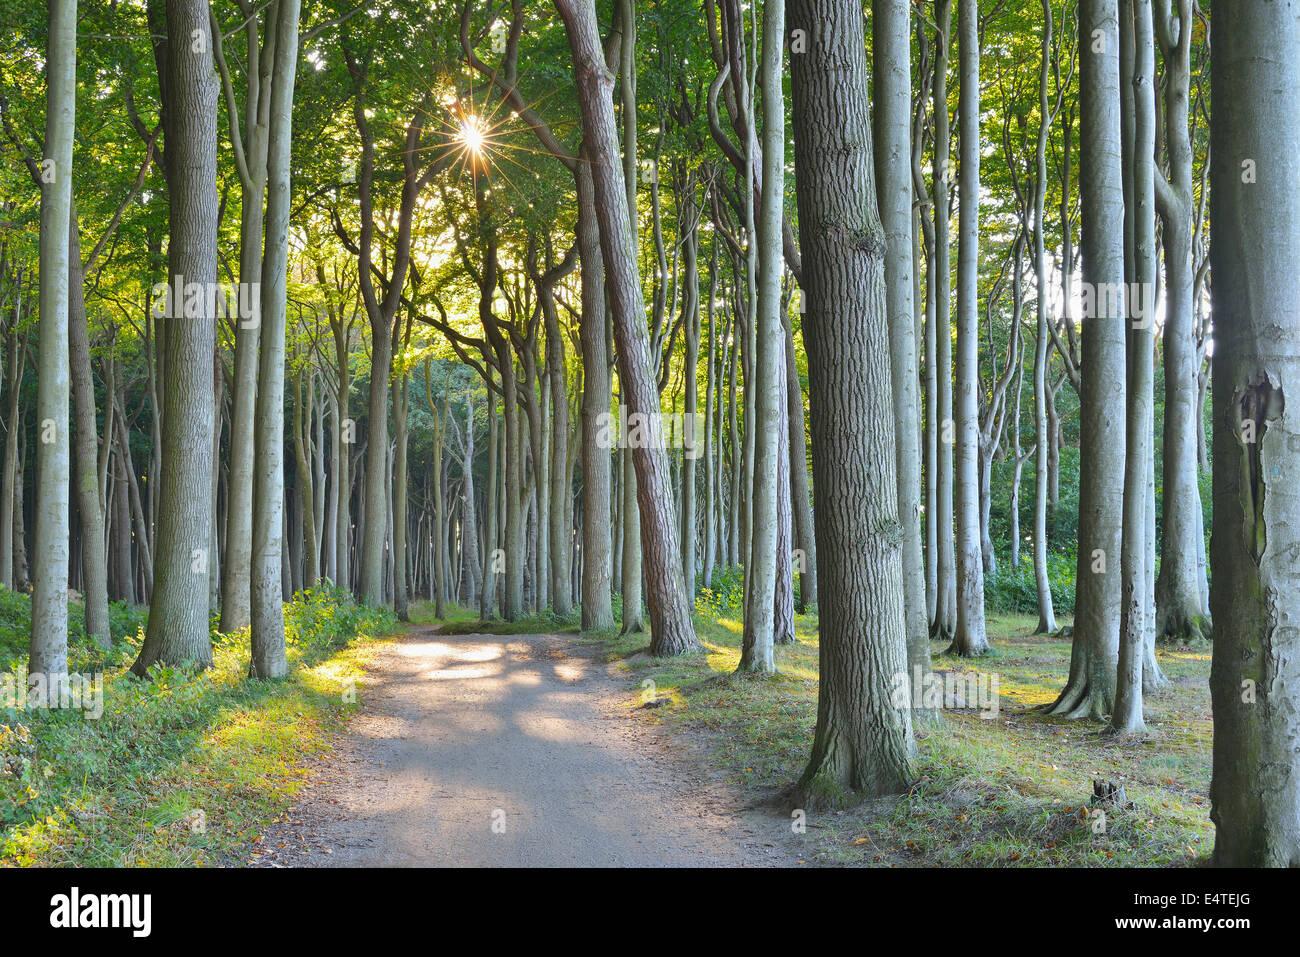 Forêt de hêtres côtières avec allée, Nienhagen, Bad Doberan, mer Baltique, Bade-Wurtemberg, Allemagne Banque D'Images